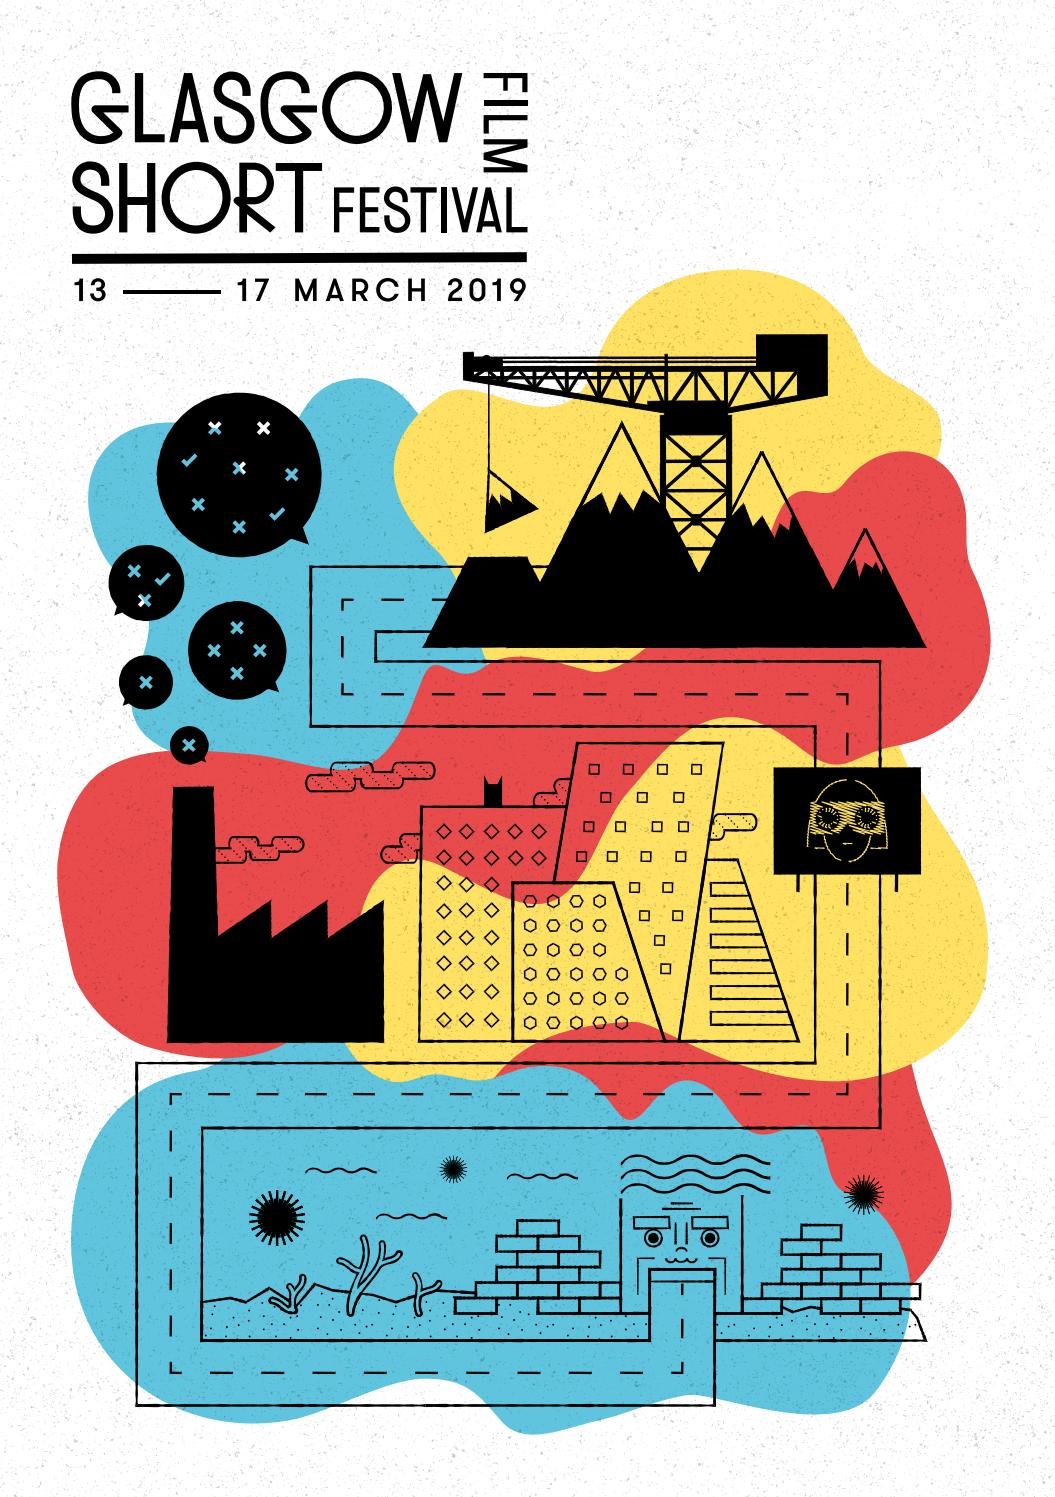 glasgow short film festival 2019